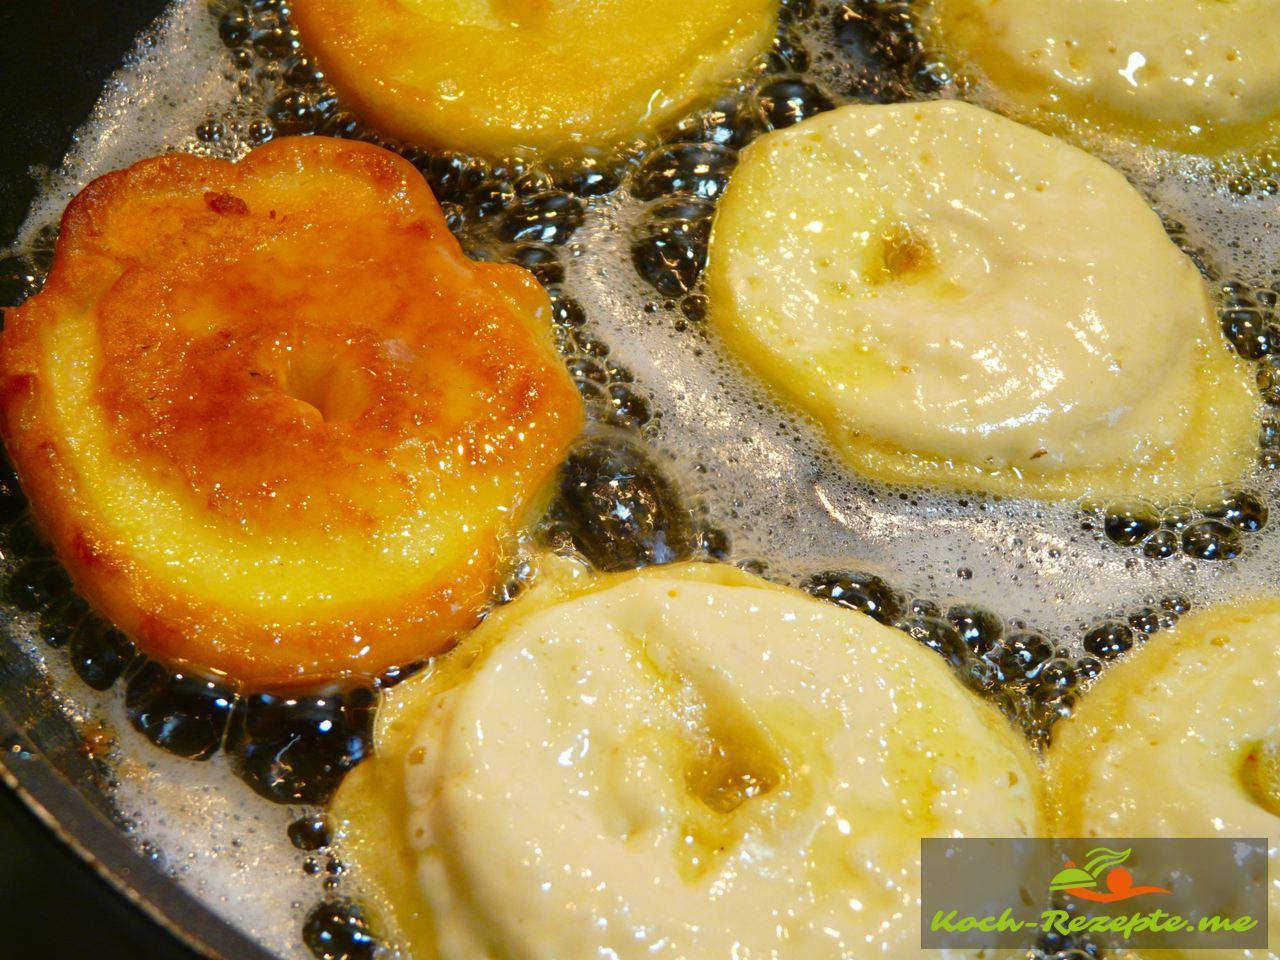 Apfelküchlein ausgebacken in Butterschmalz